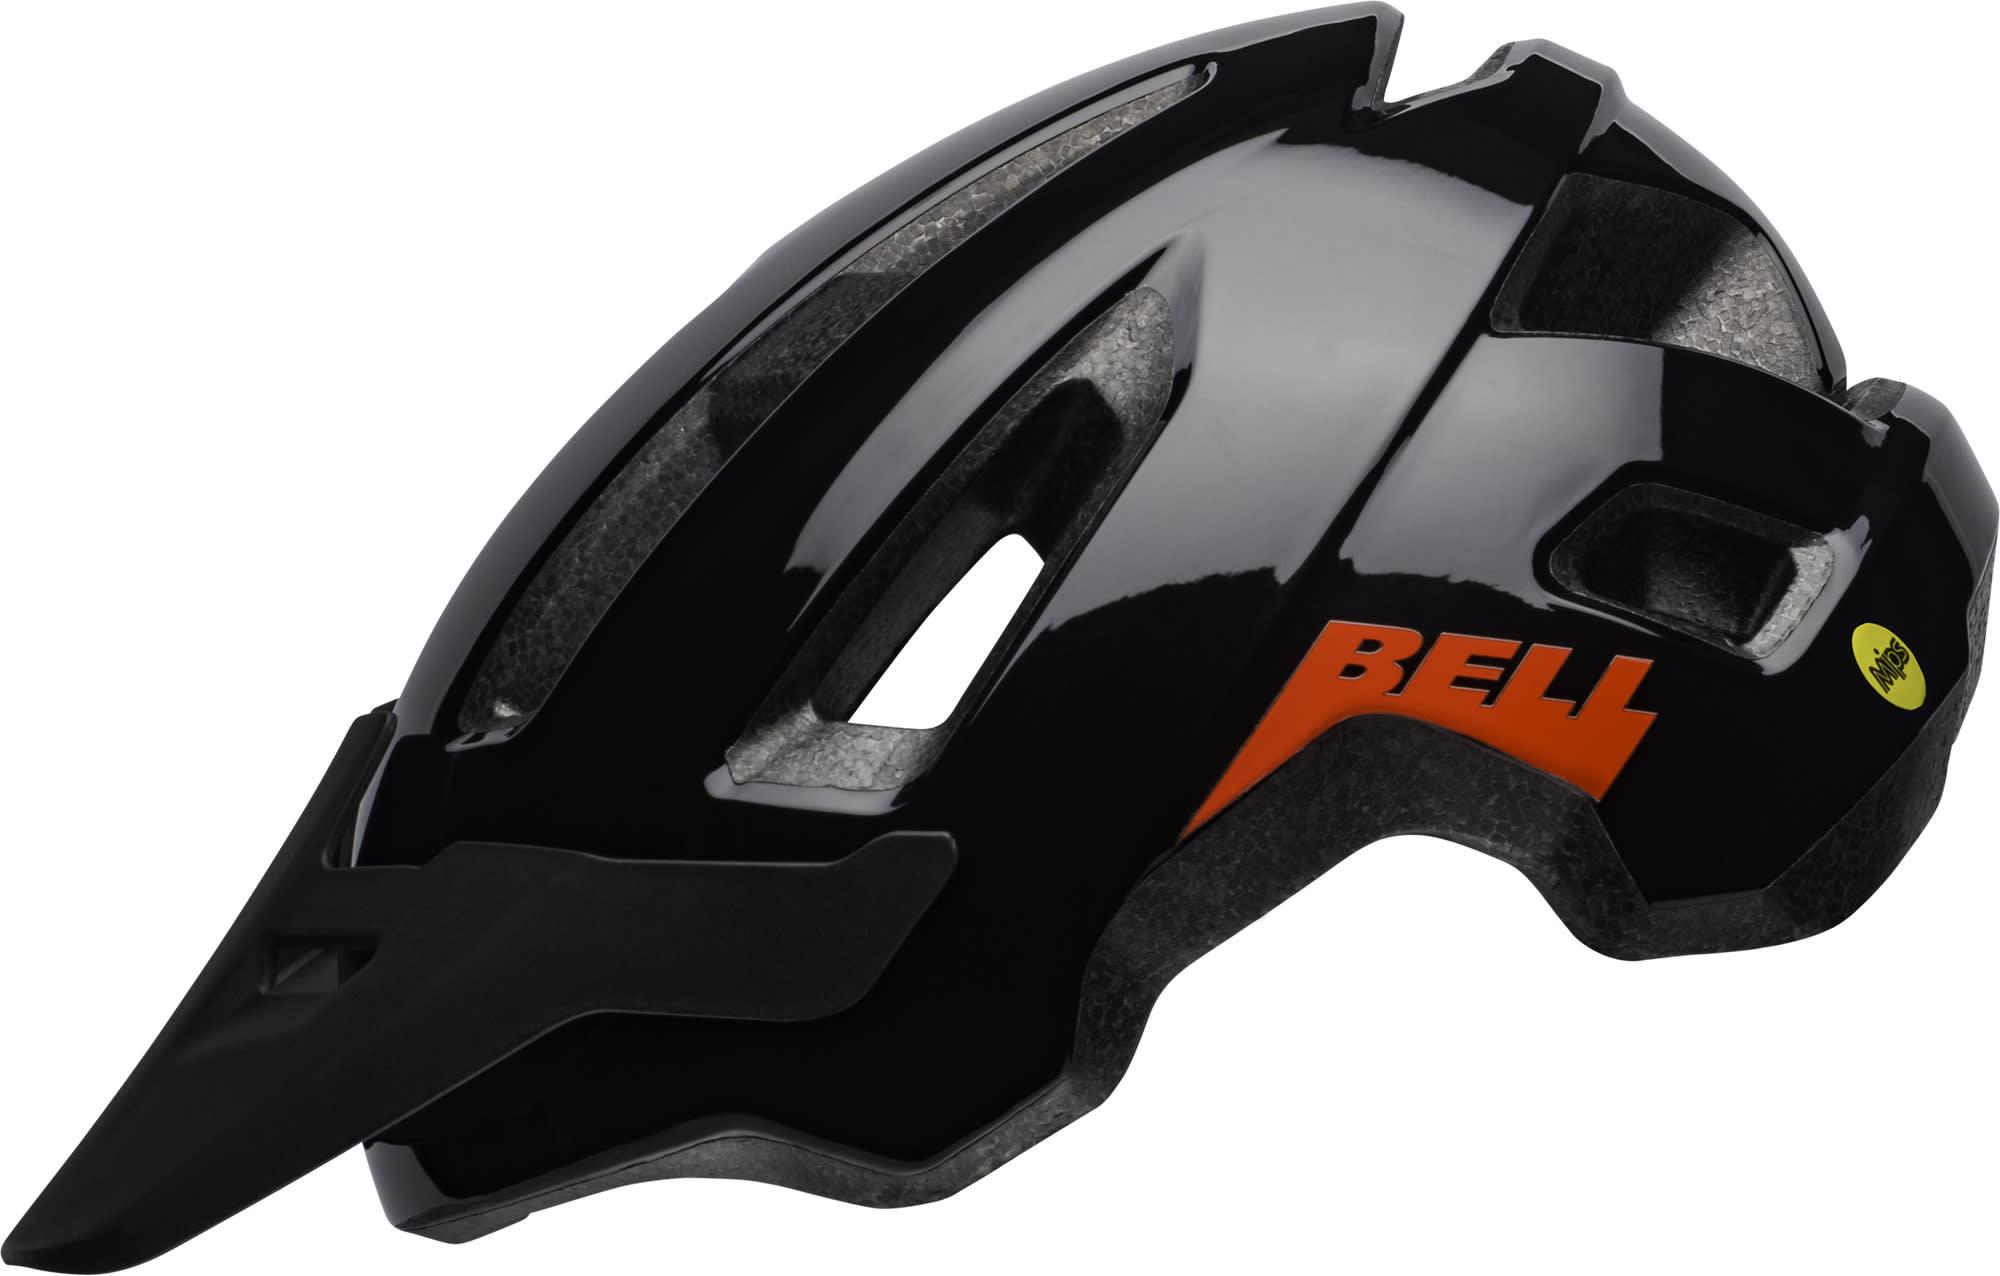 bell nomad mips bike helmet 2019. Black Bedroom Furniture Sets. Home Design Ideas